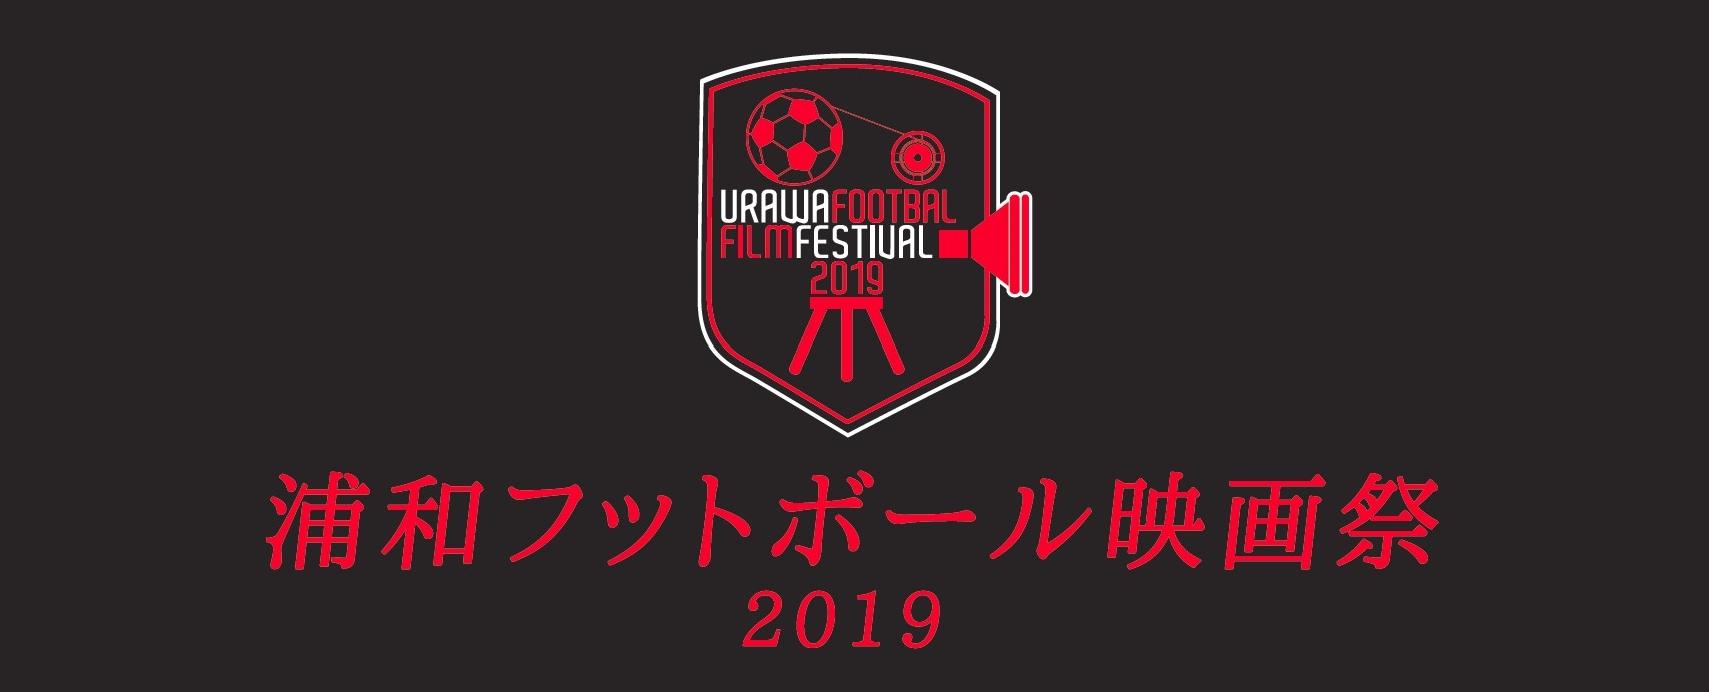 浦和フットボール映画祭|さいたま市|映画祭